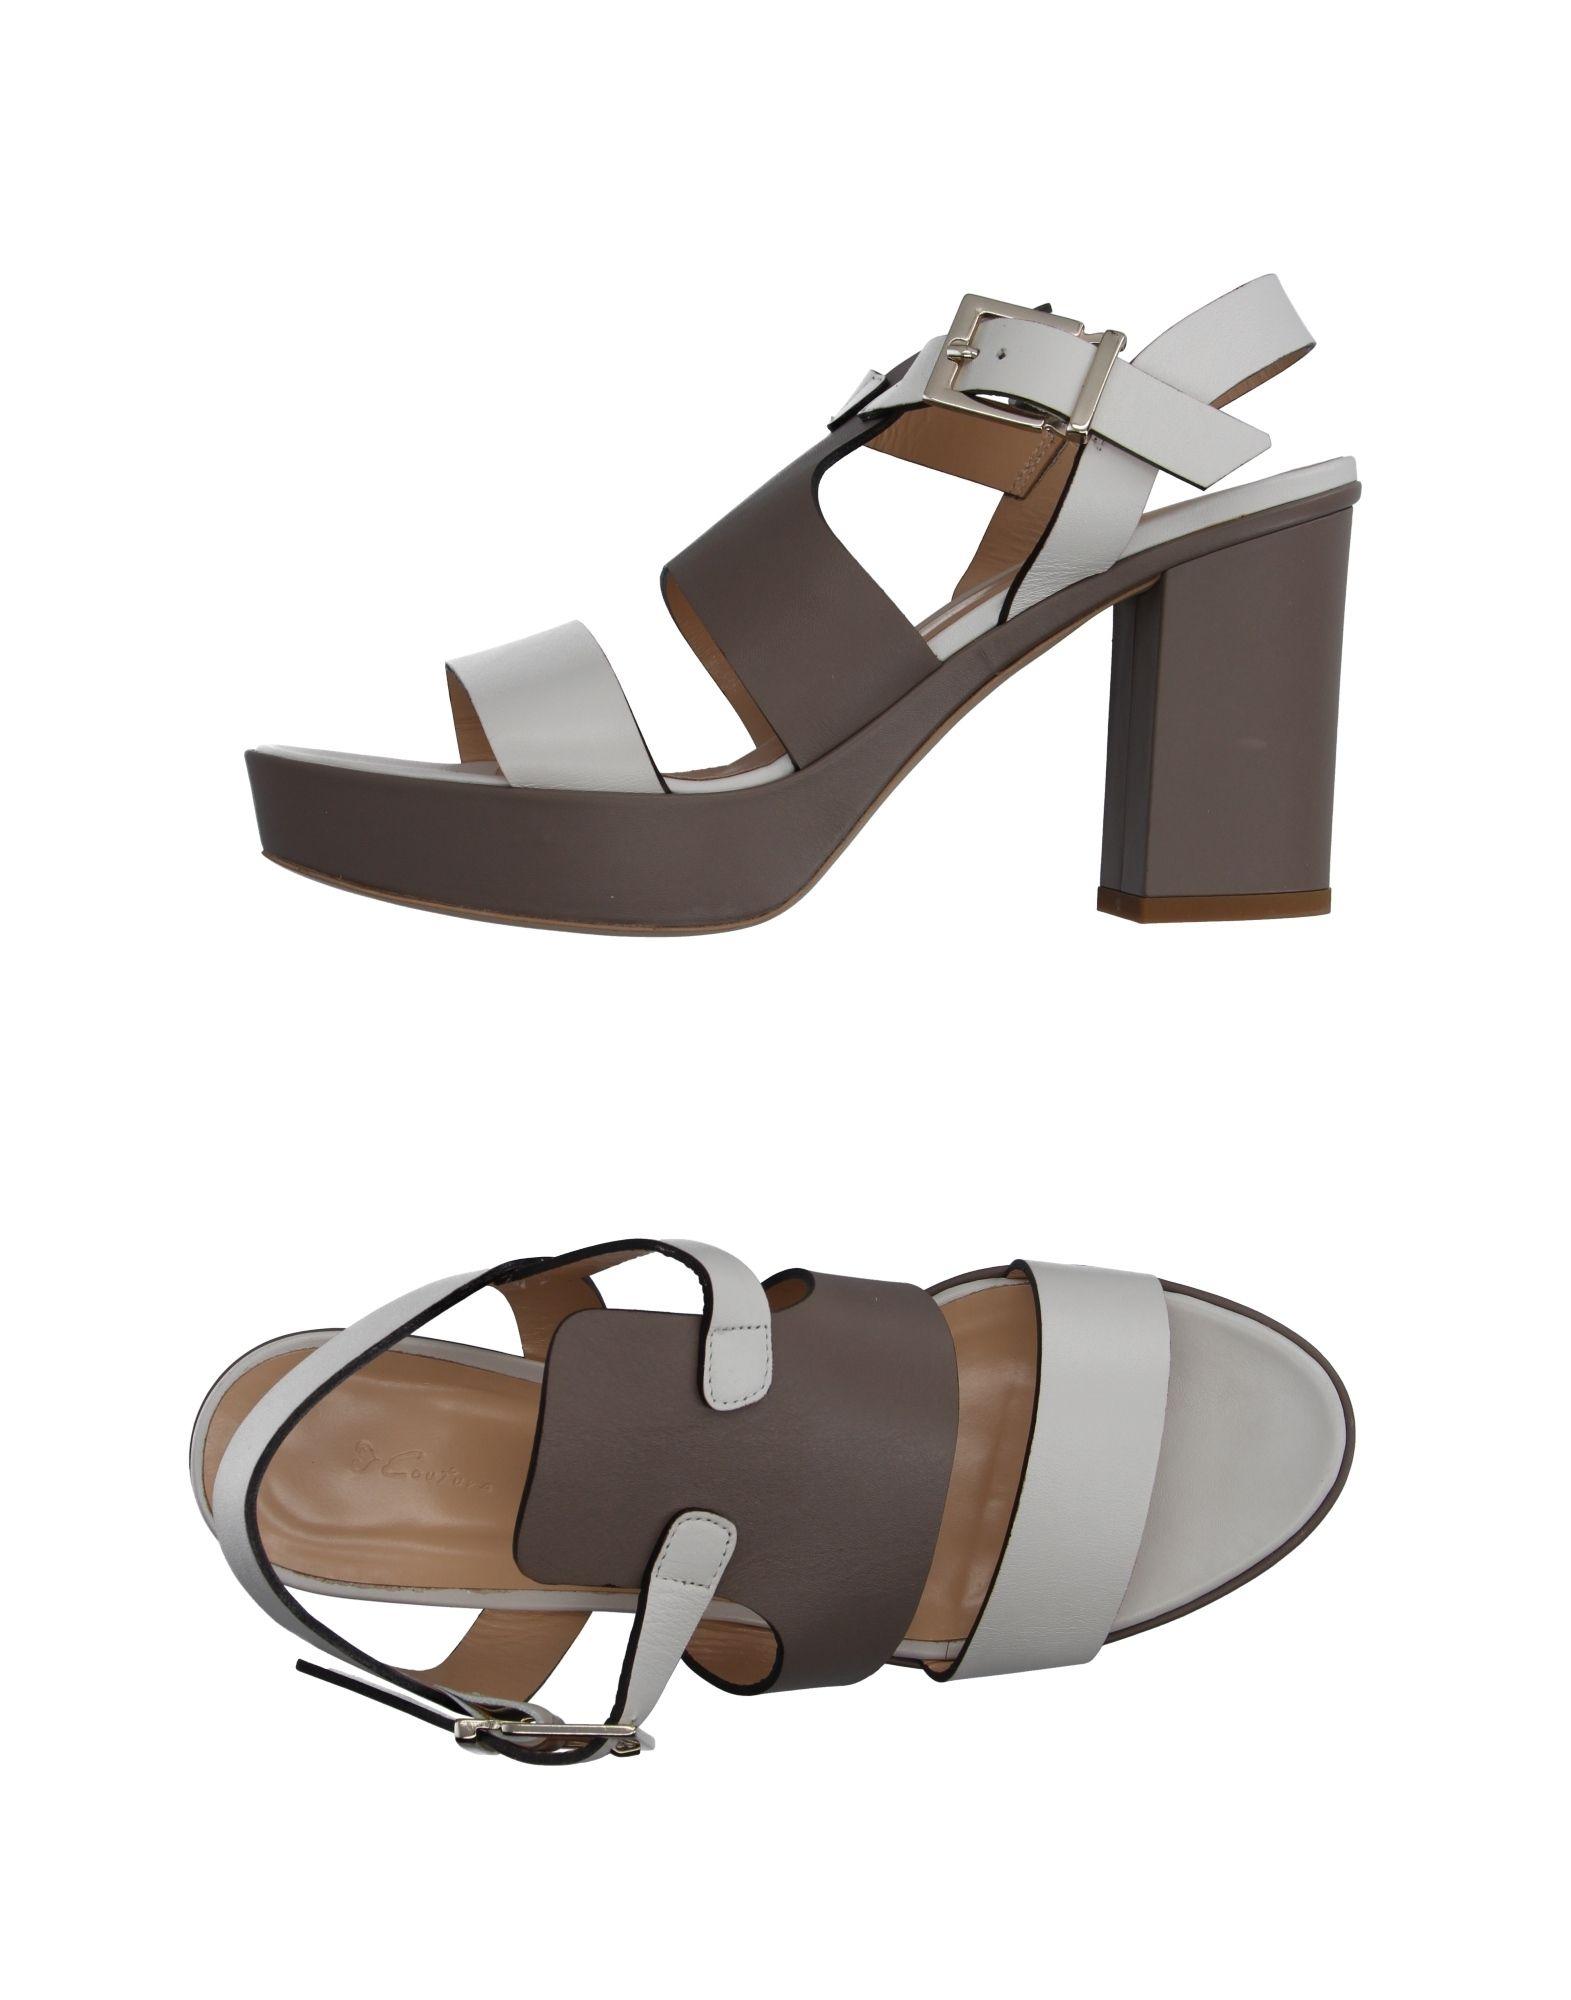 Sandali Couture Donna - 11137963LC elegante